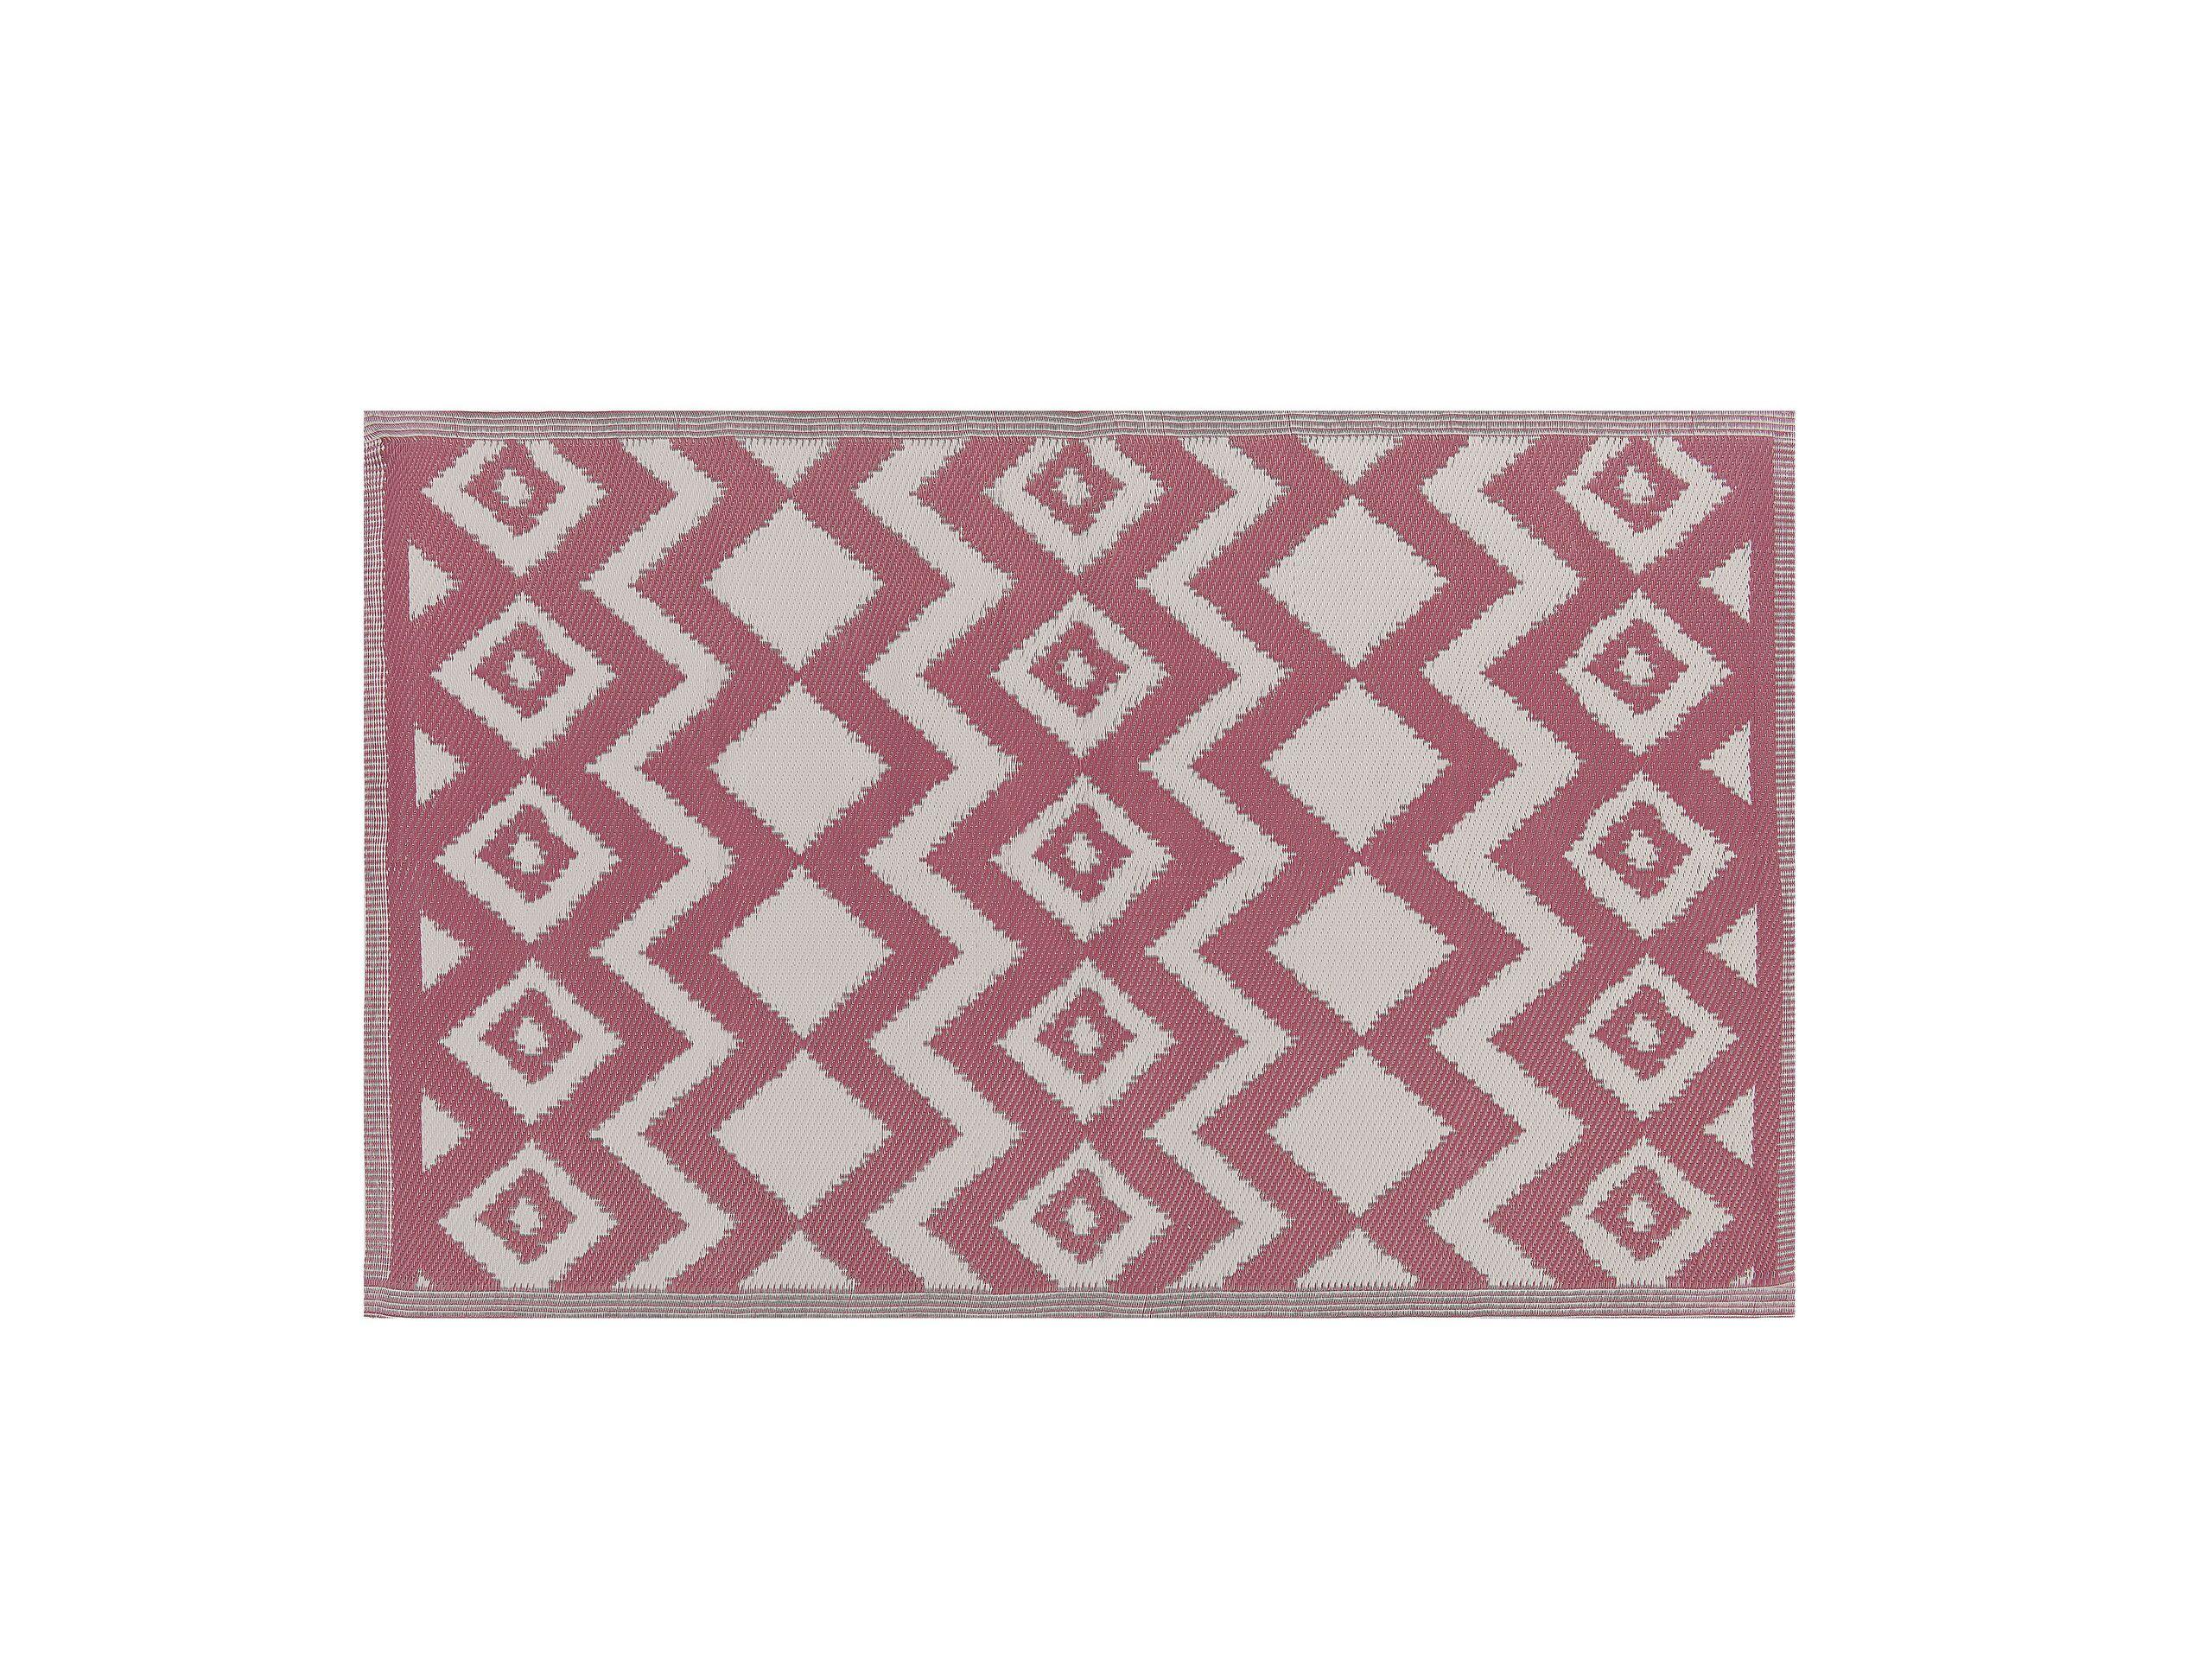 Tapis extérieur au motif zigzag rose 180 x 270 cm